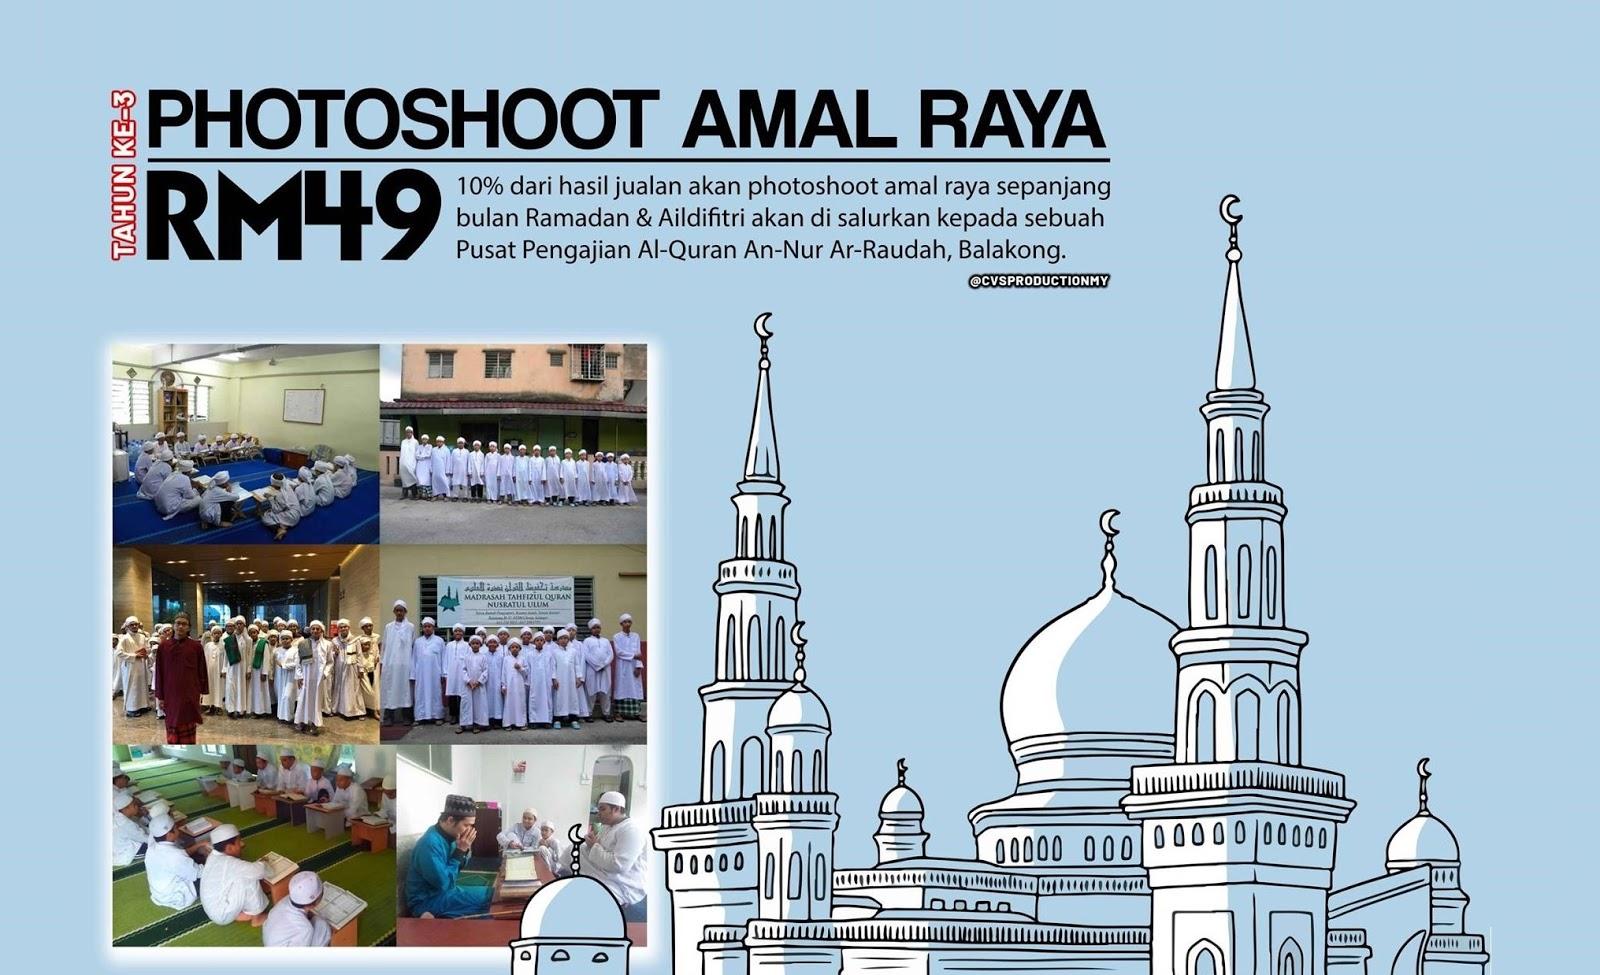 Photoshoot Amal CVS Production